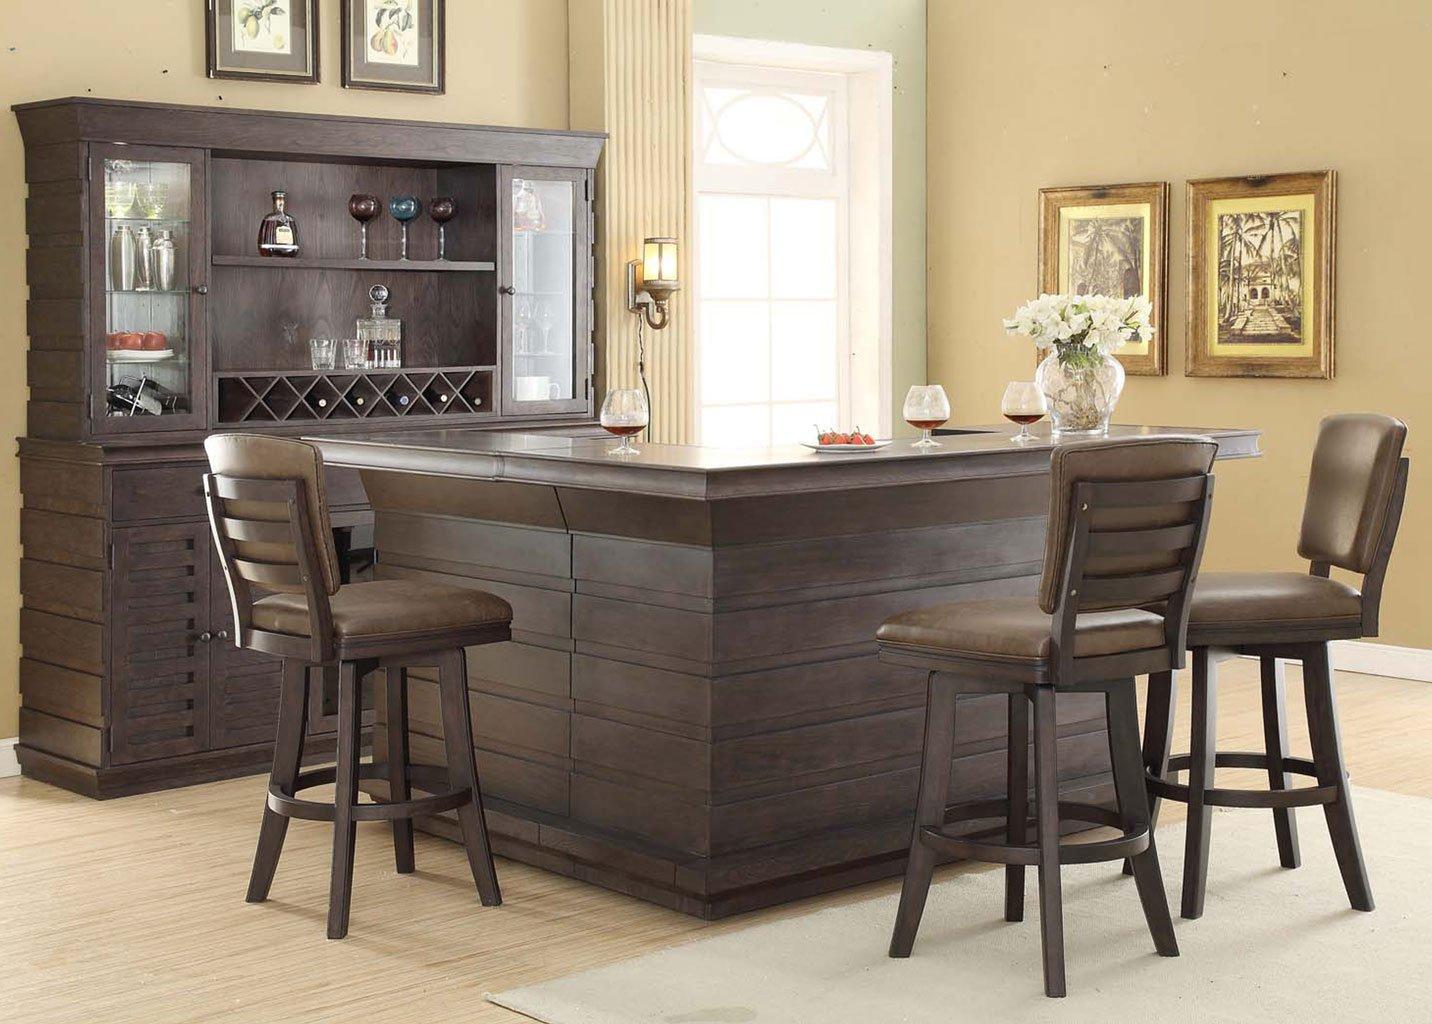 toscana home bar set eci furniture 1 reviews furniture cart. Black Bedroom Furniture Sets. Home Design Ideas